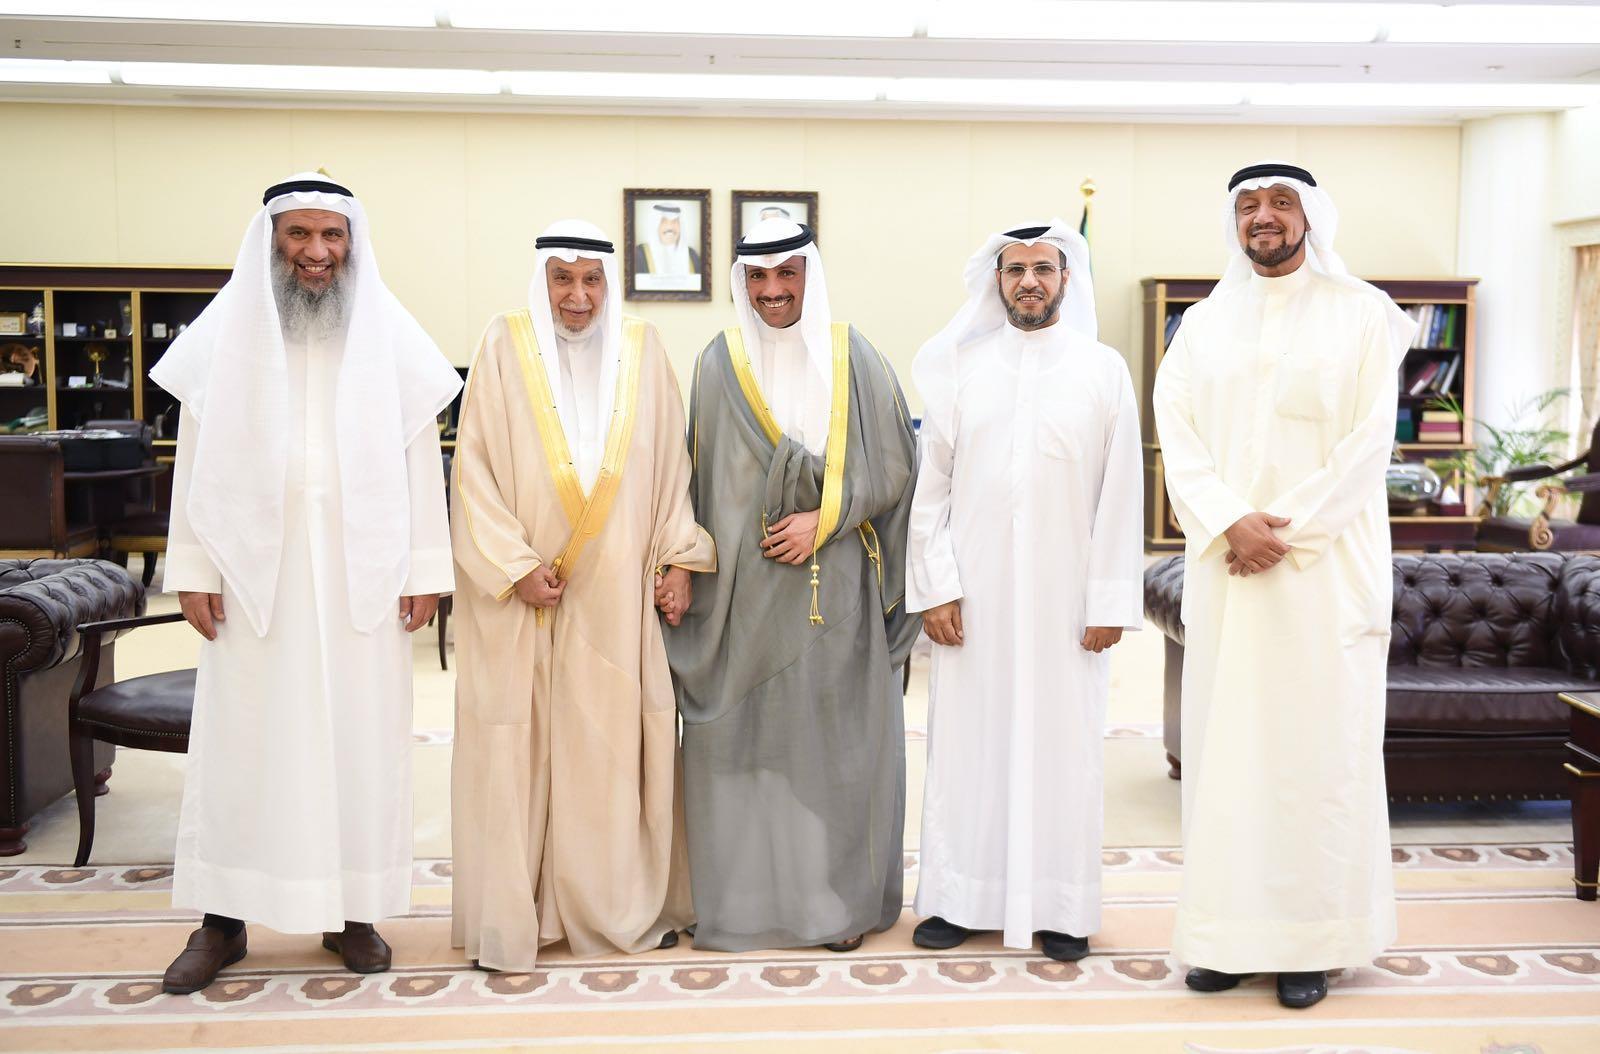 الغانم يستقبل مجلس إدارة جمعية الإصلاح الاجتماعي الجديد